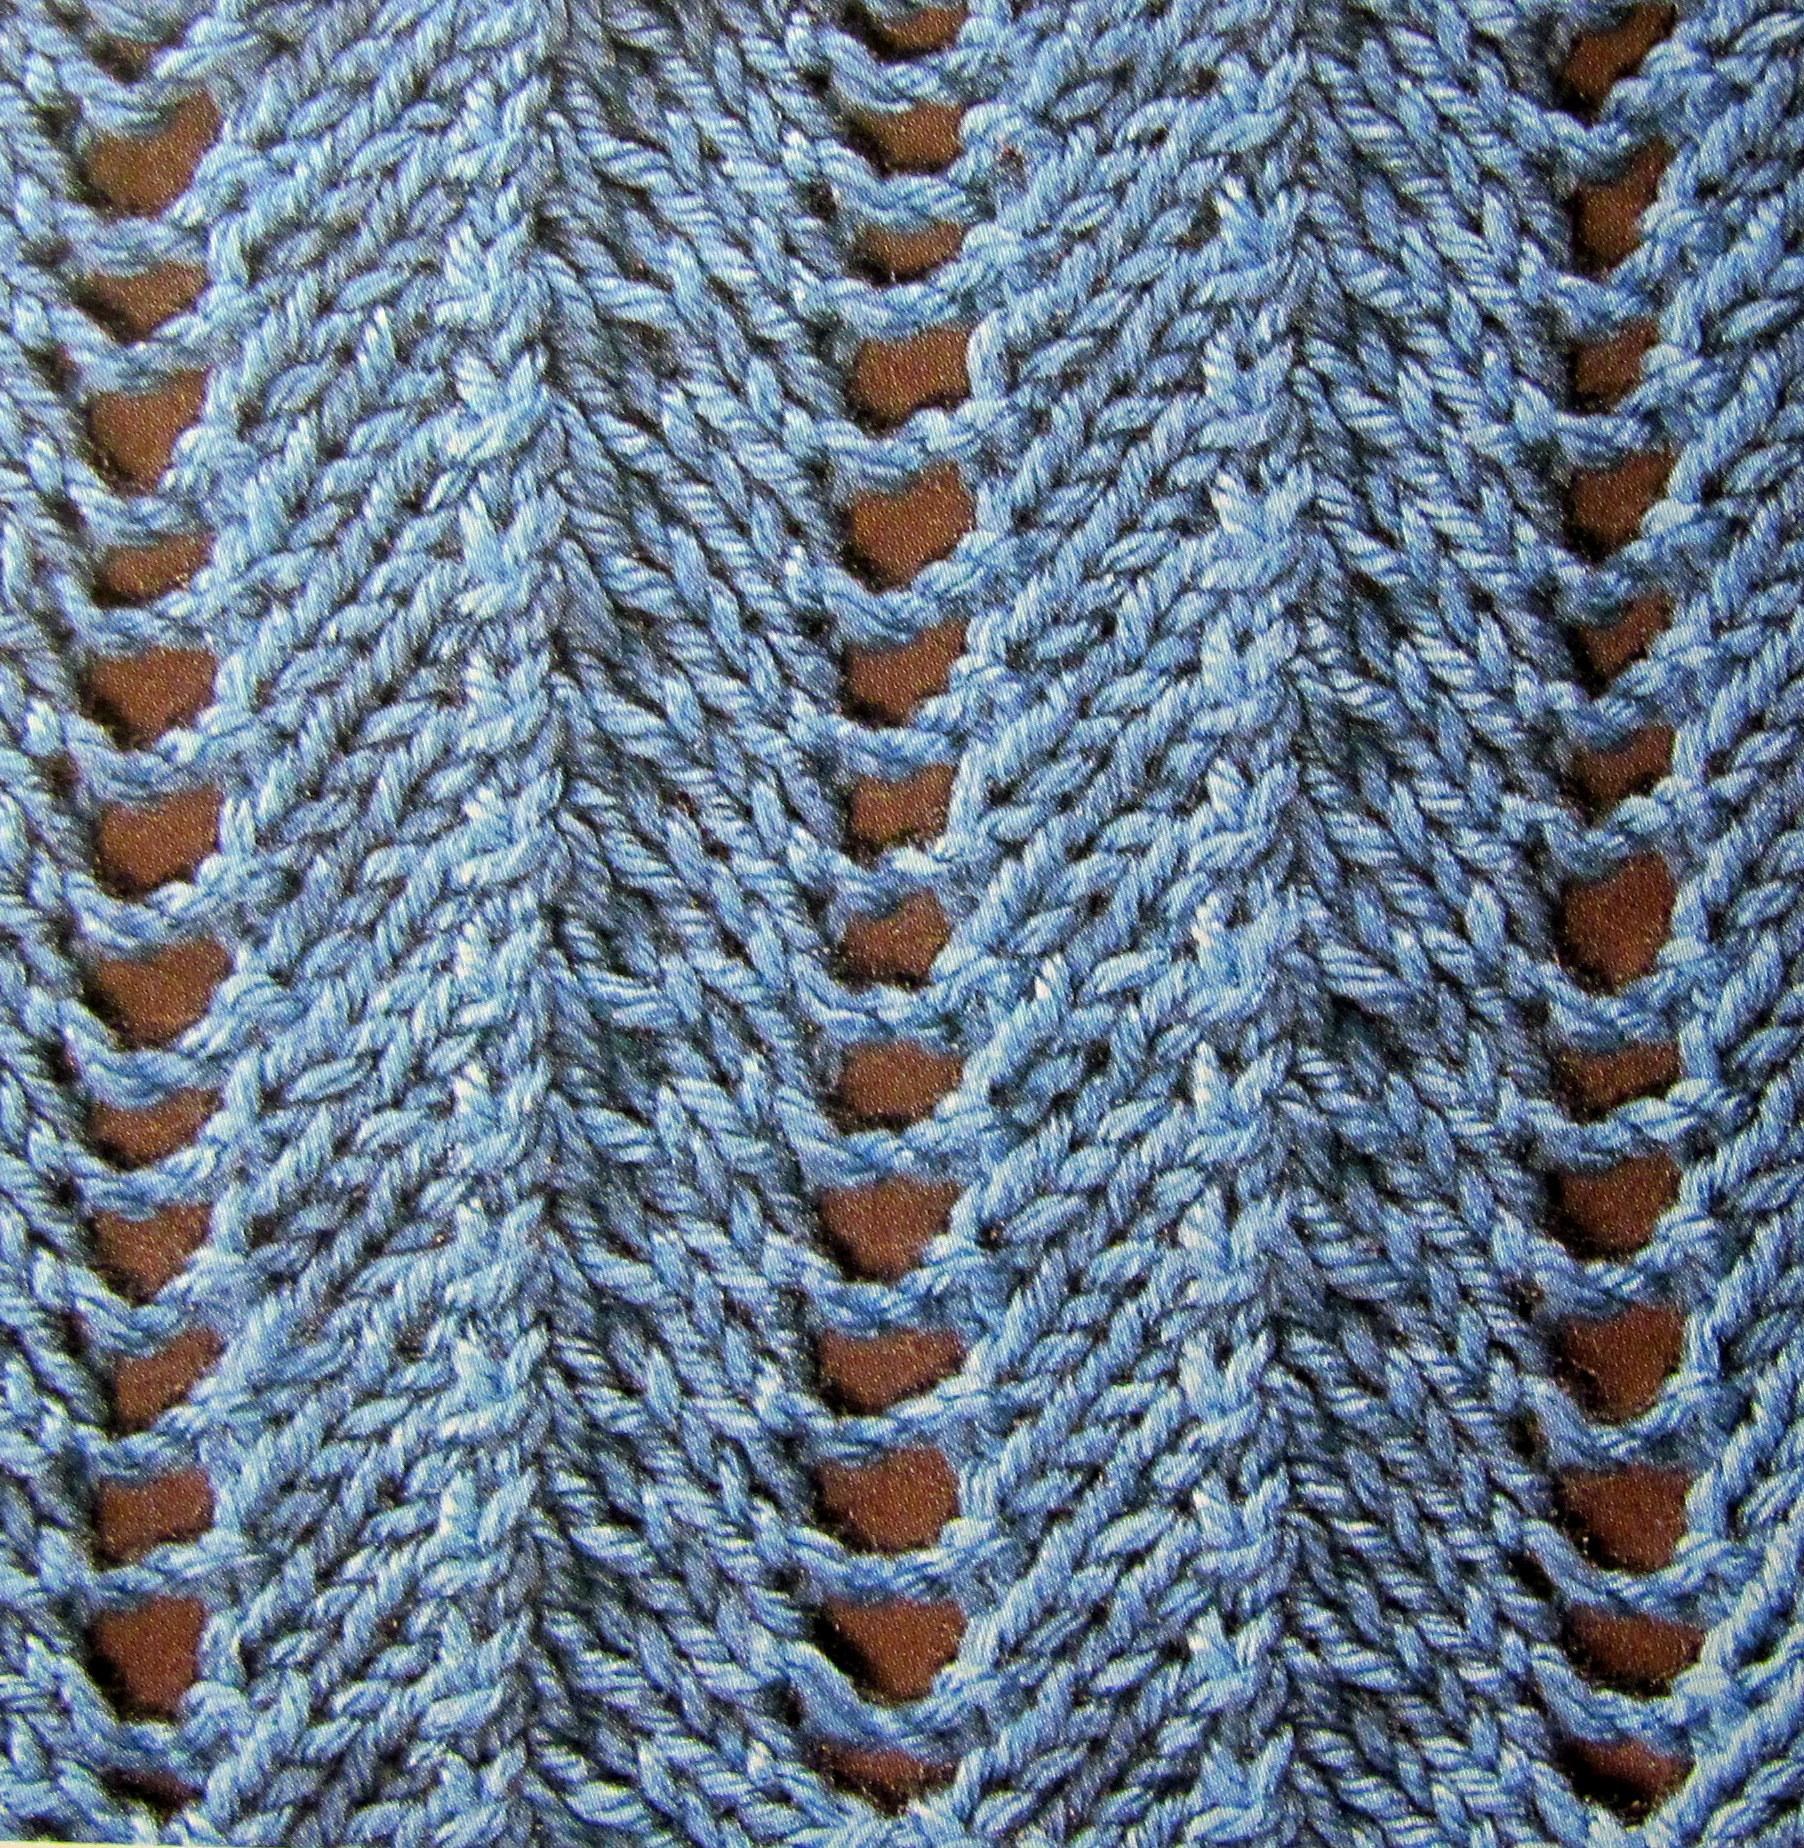 Knitting Page 12